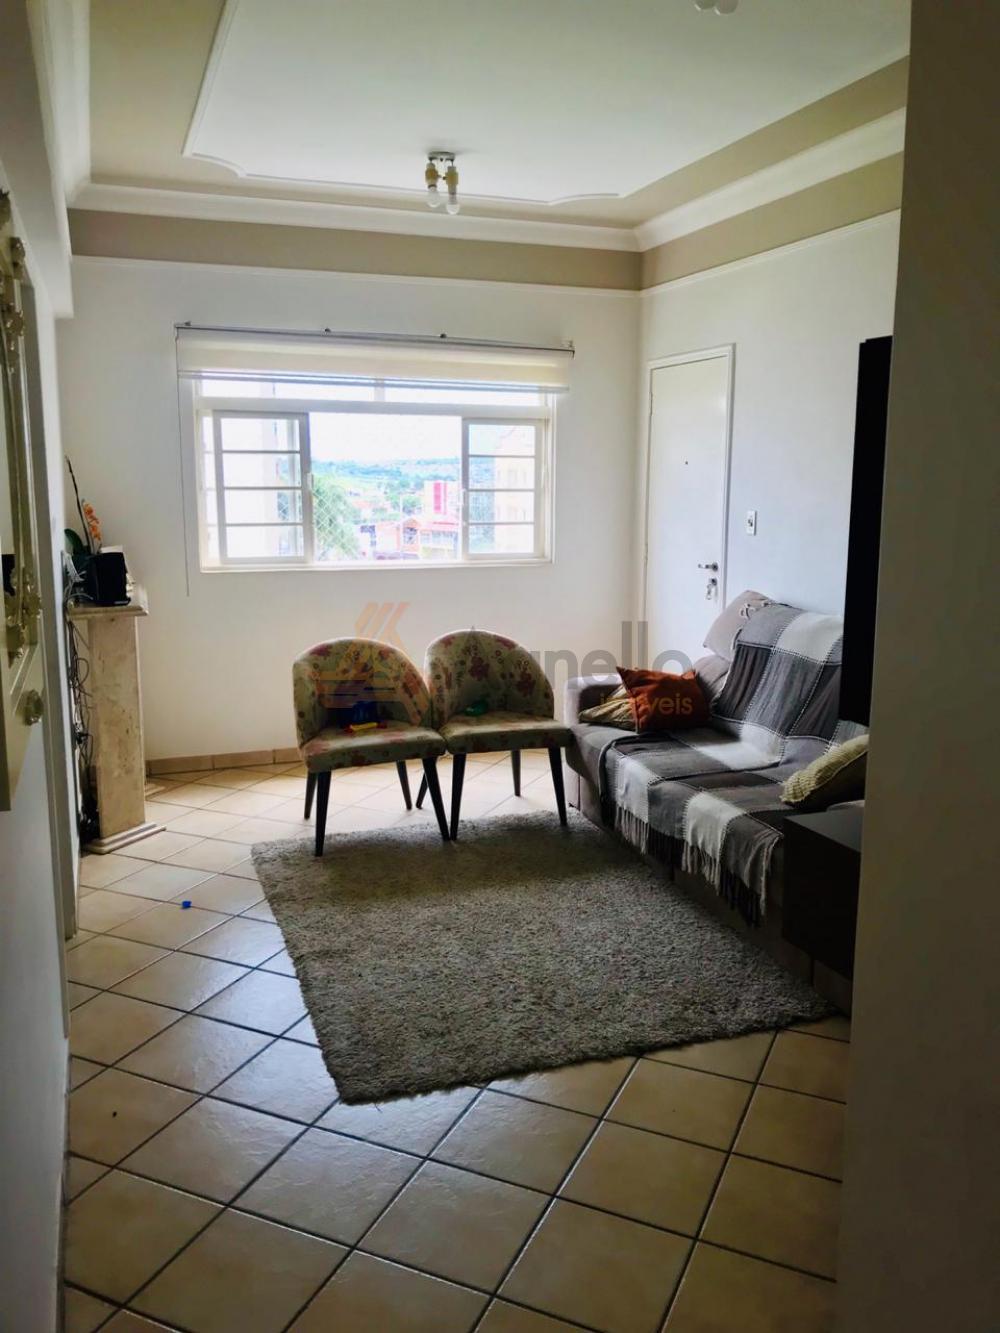 Comprar Apartamento / Padrão em Franca apenas R$ 210.000,00 - Foto 6